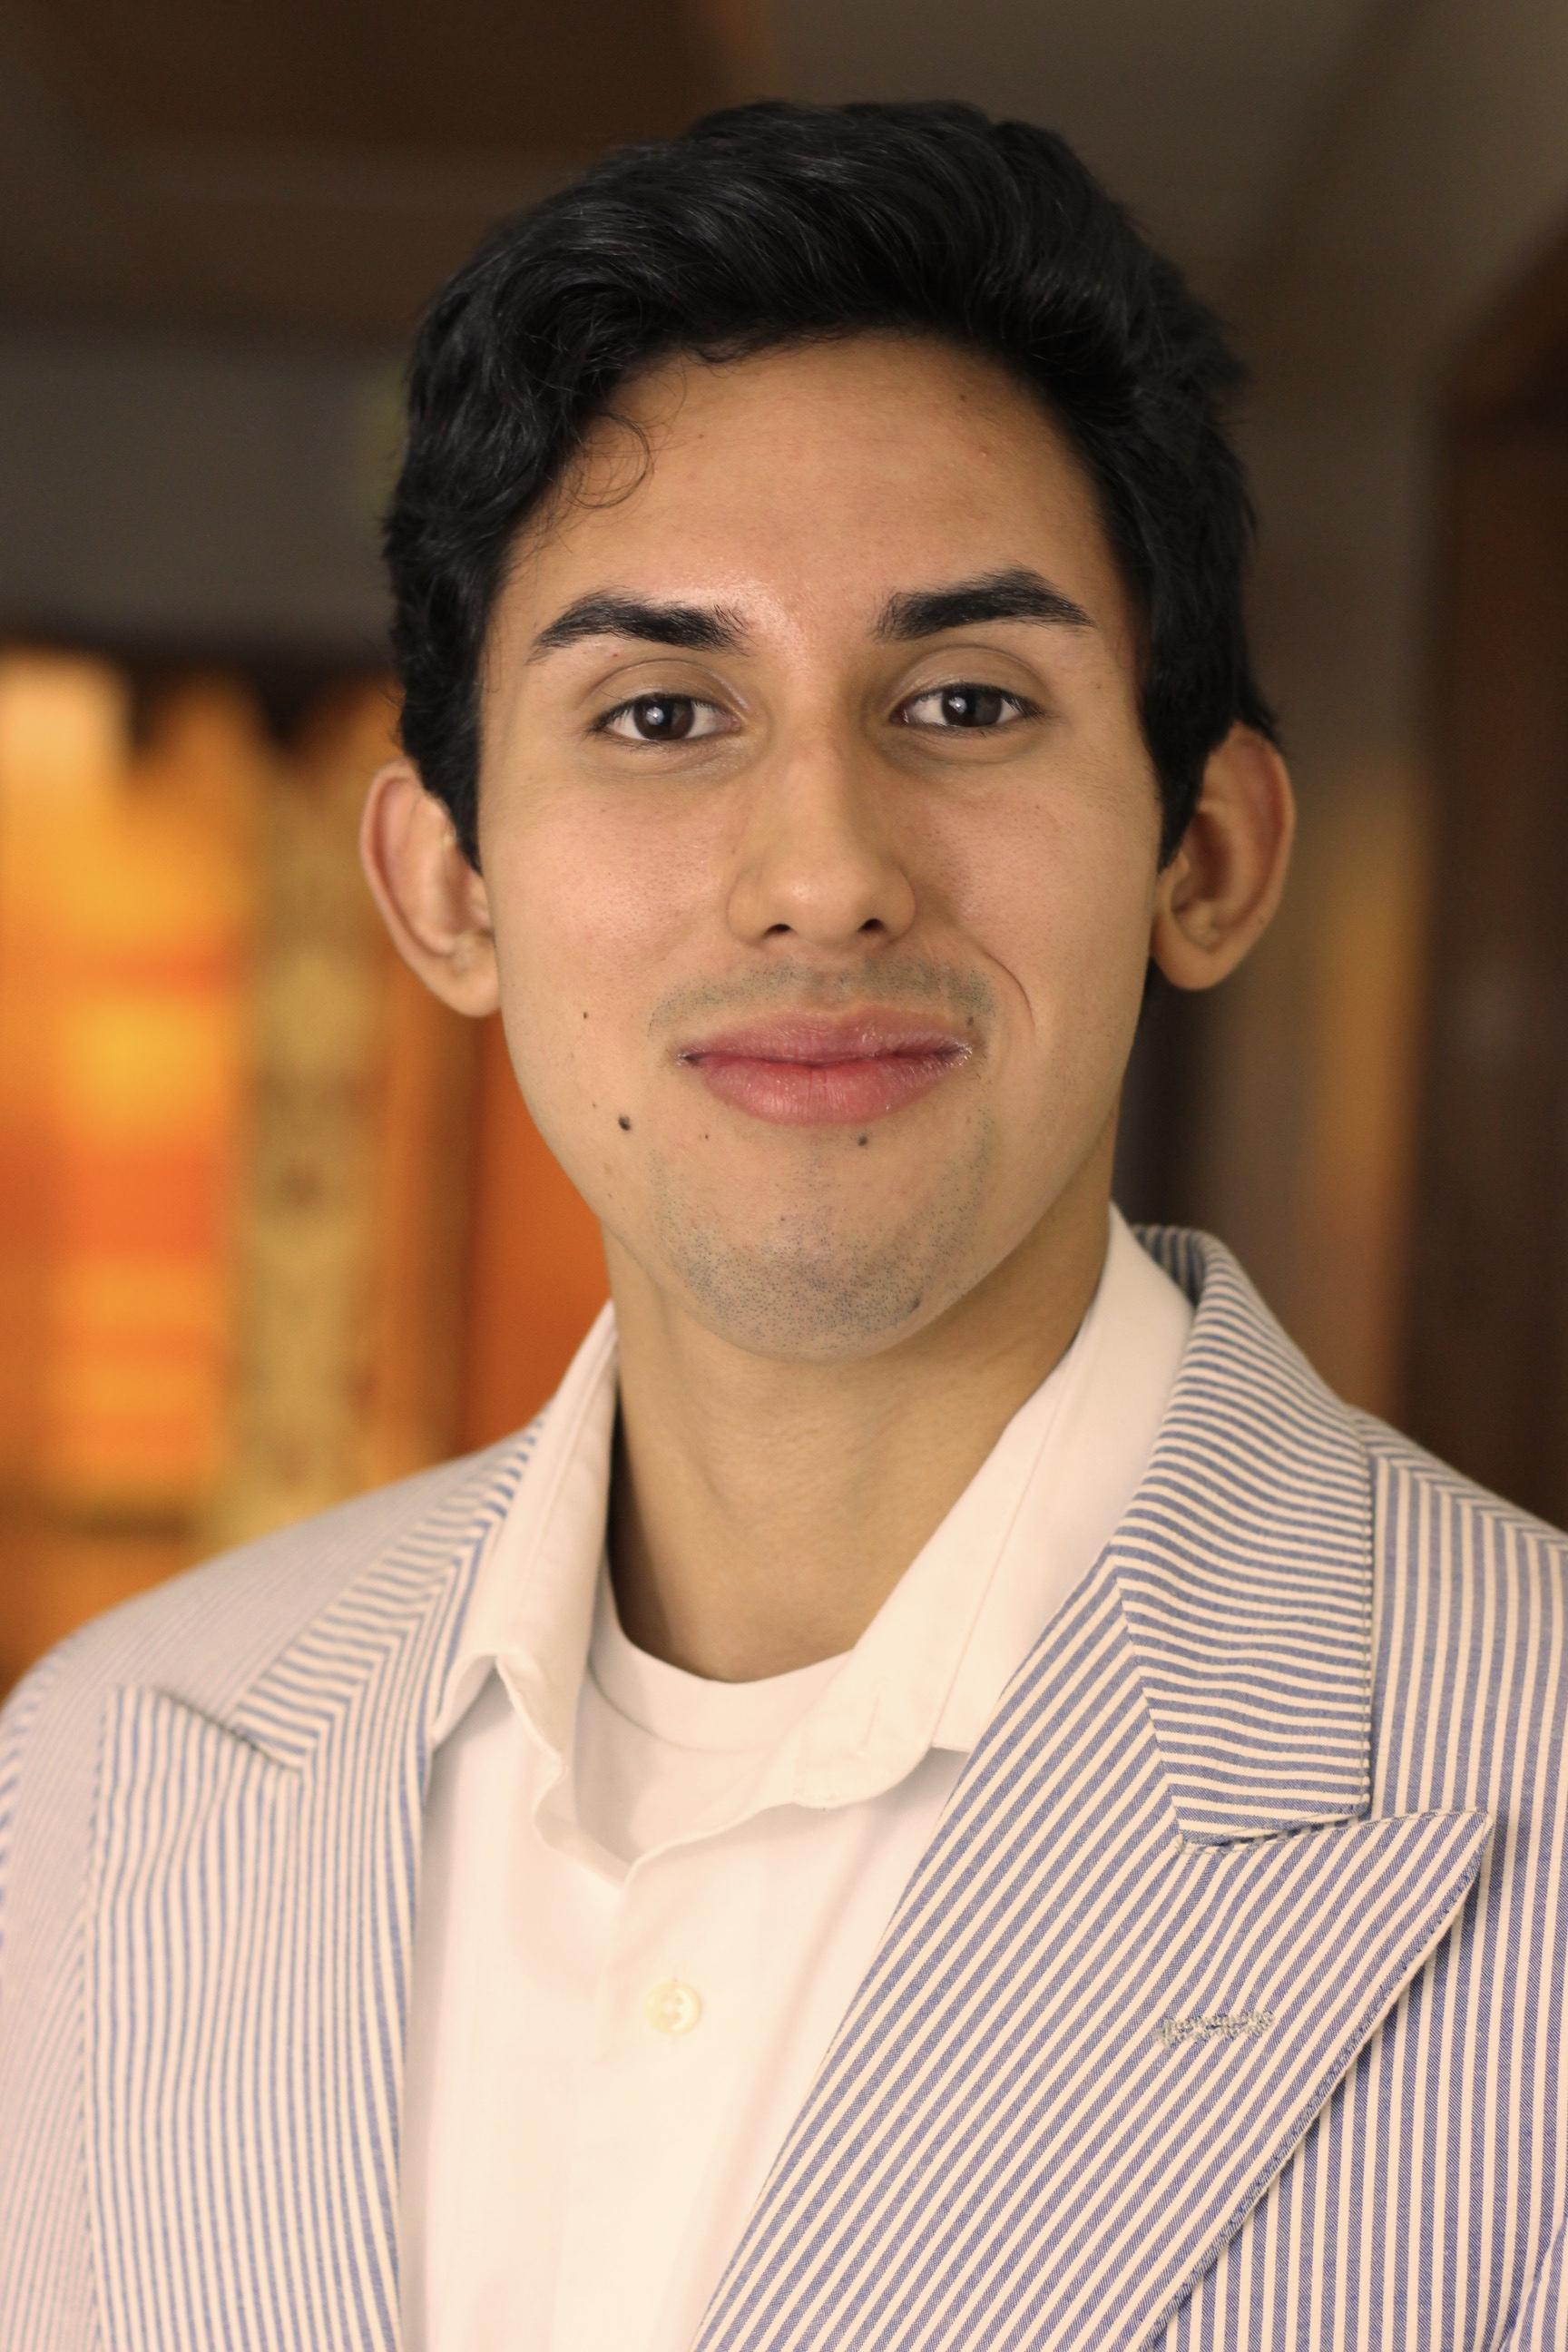 Andrew Trevino